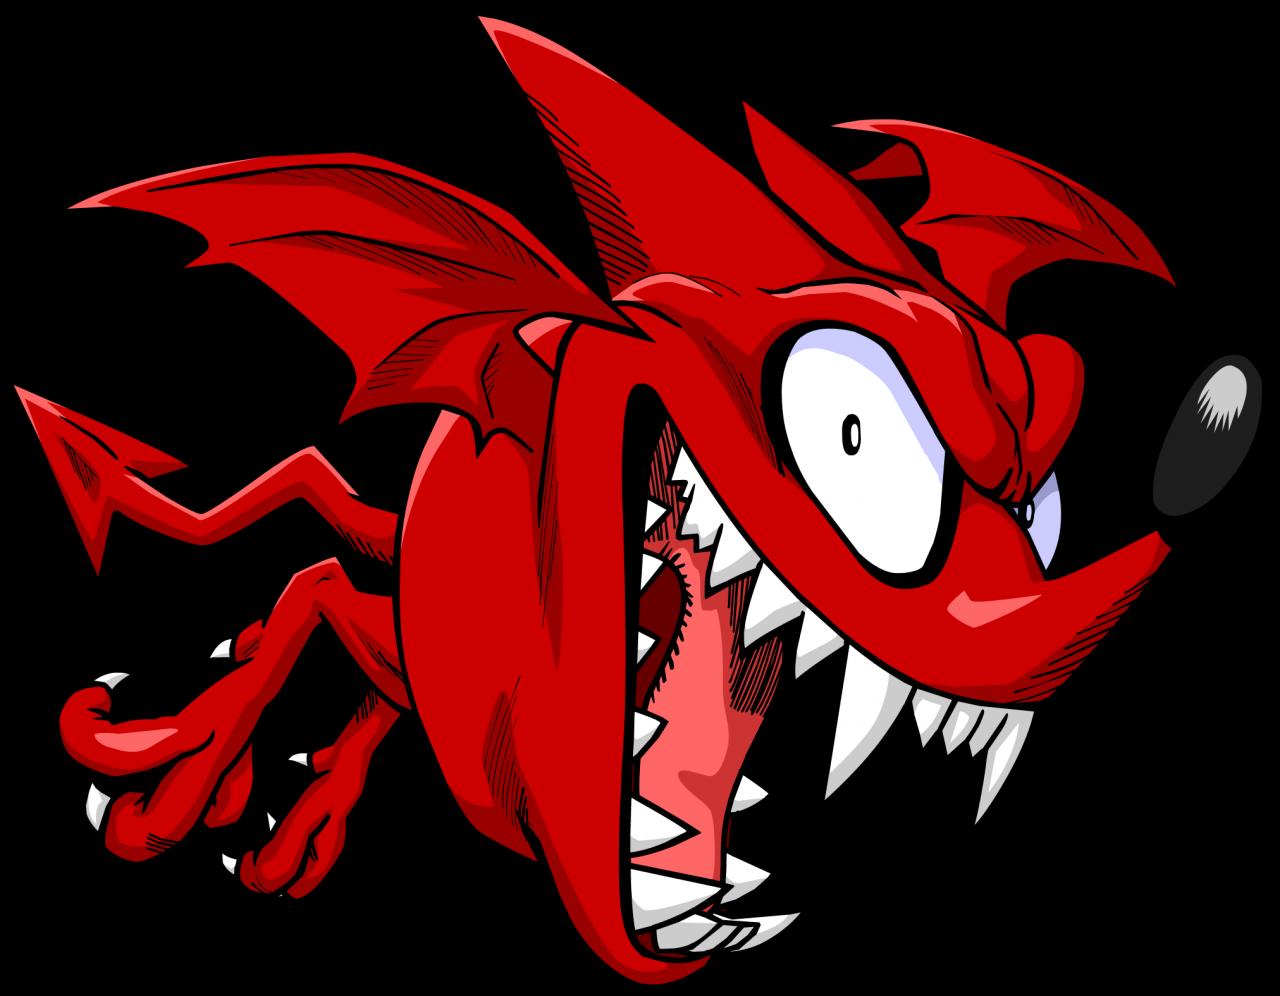 Devil Head PNG HD - 126988